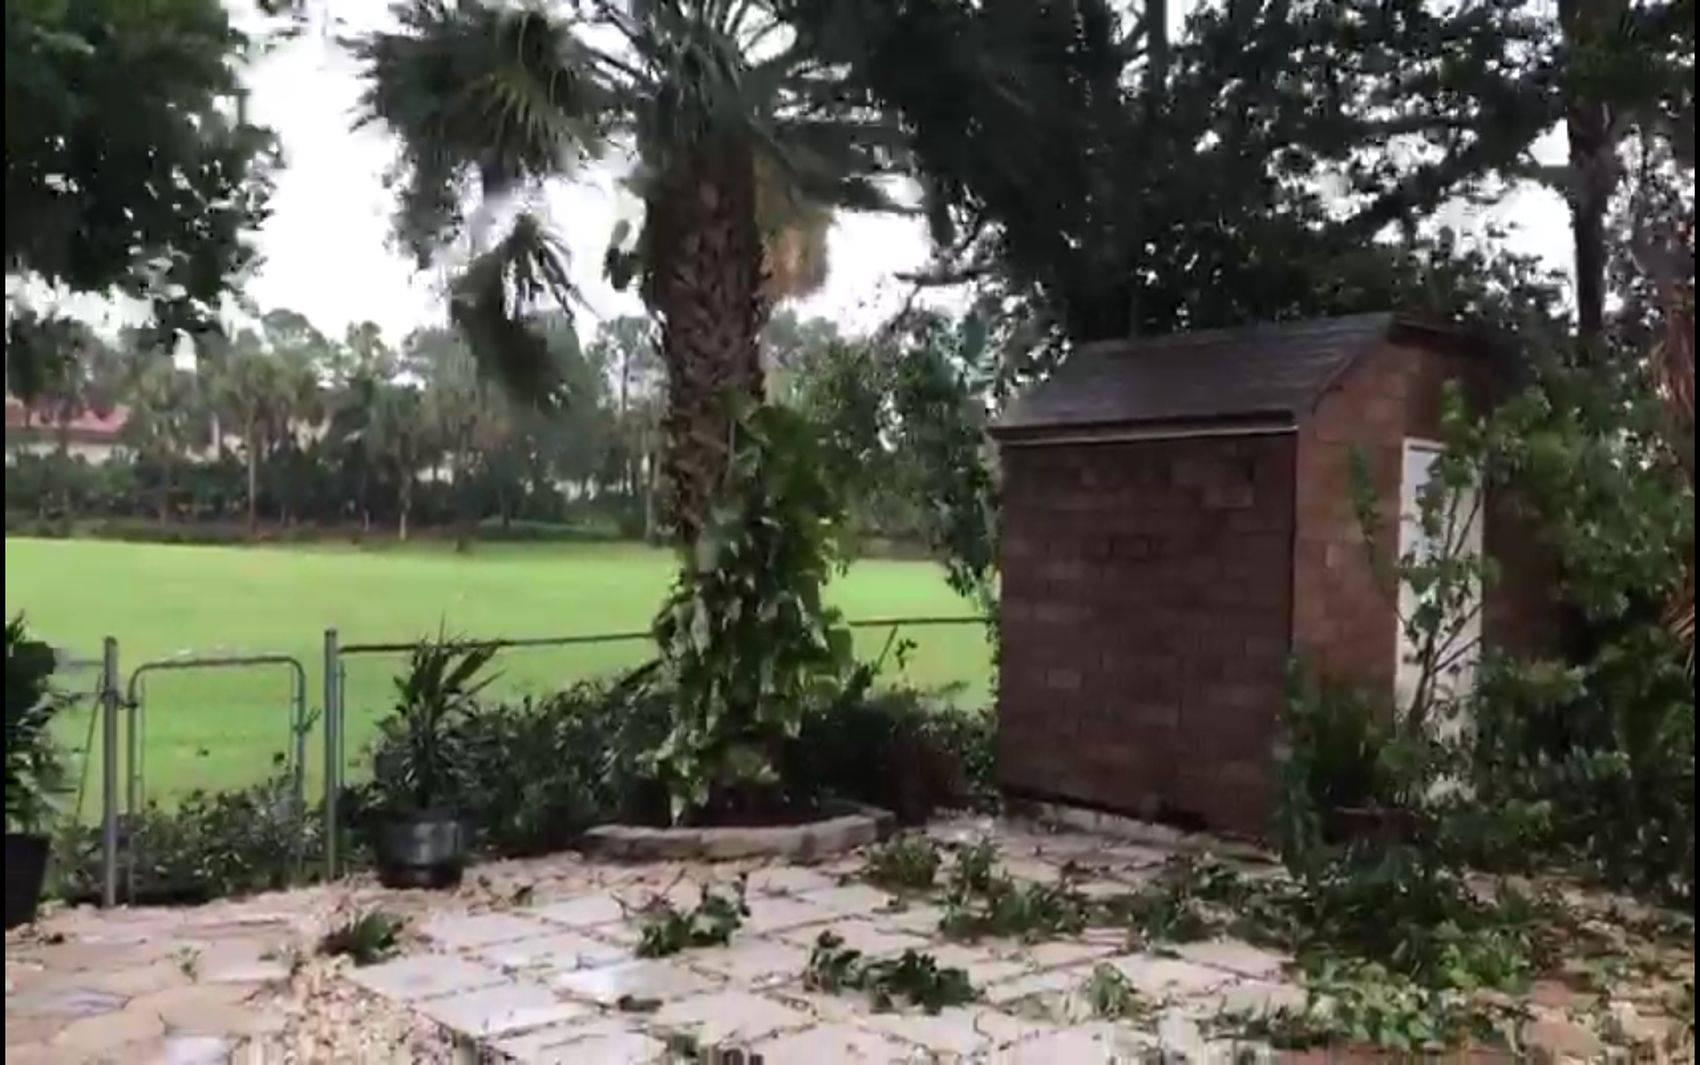 Ventos forte no quinta de uma casa na Boca Raton, Sul da Flórida.